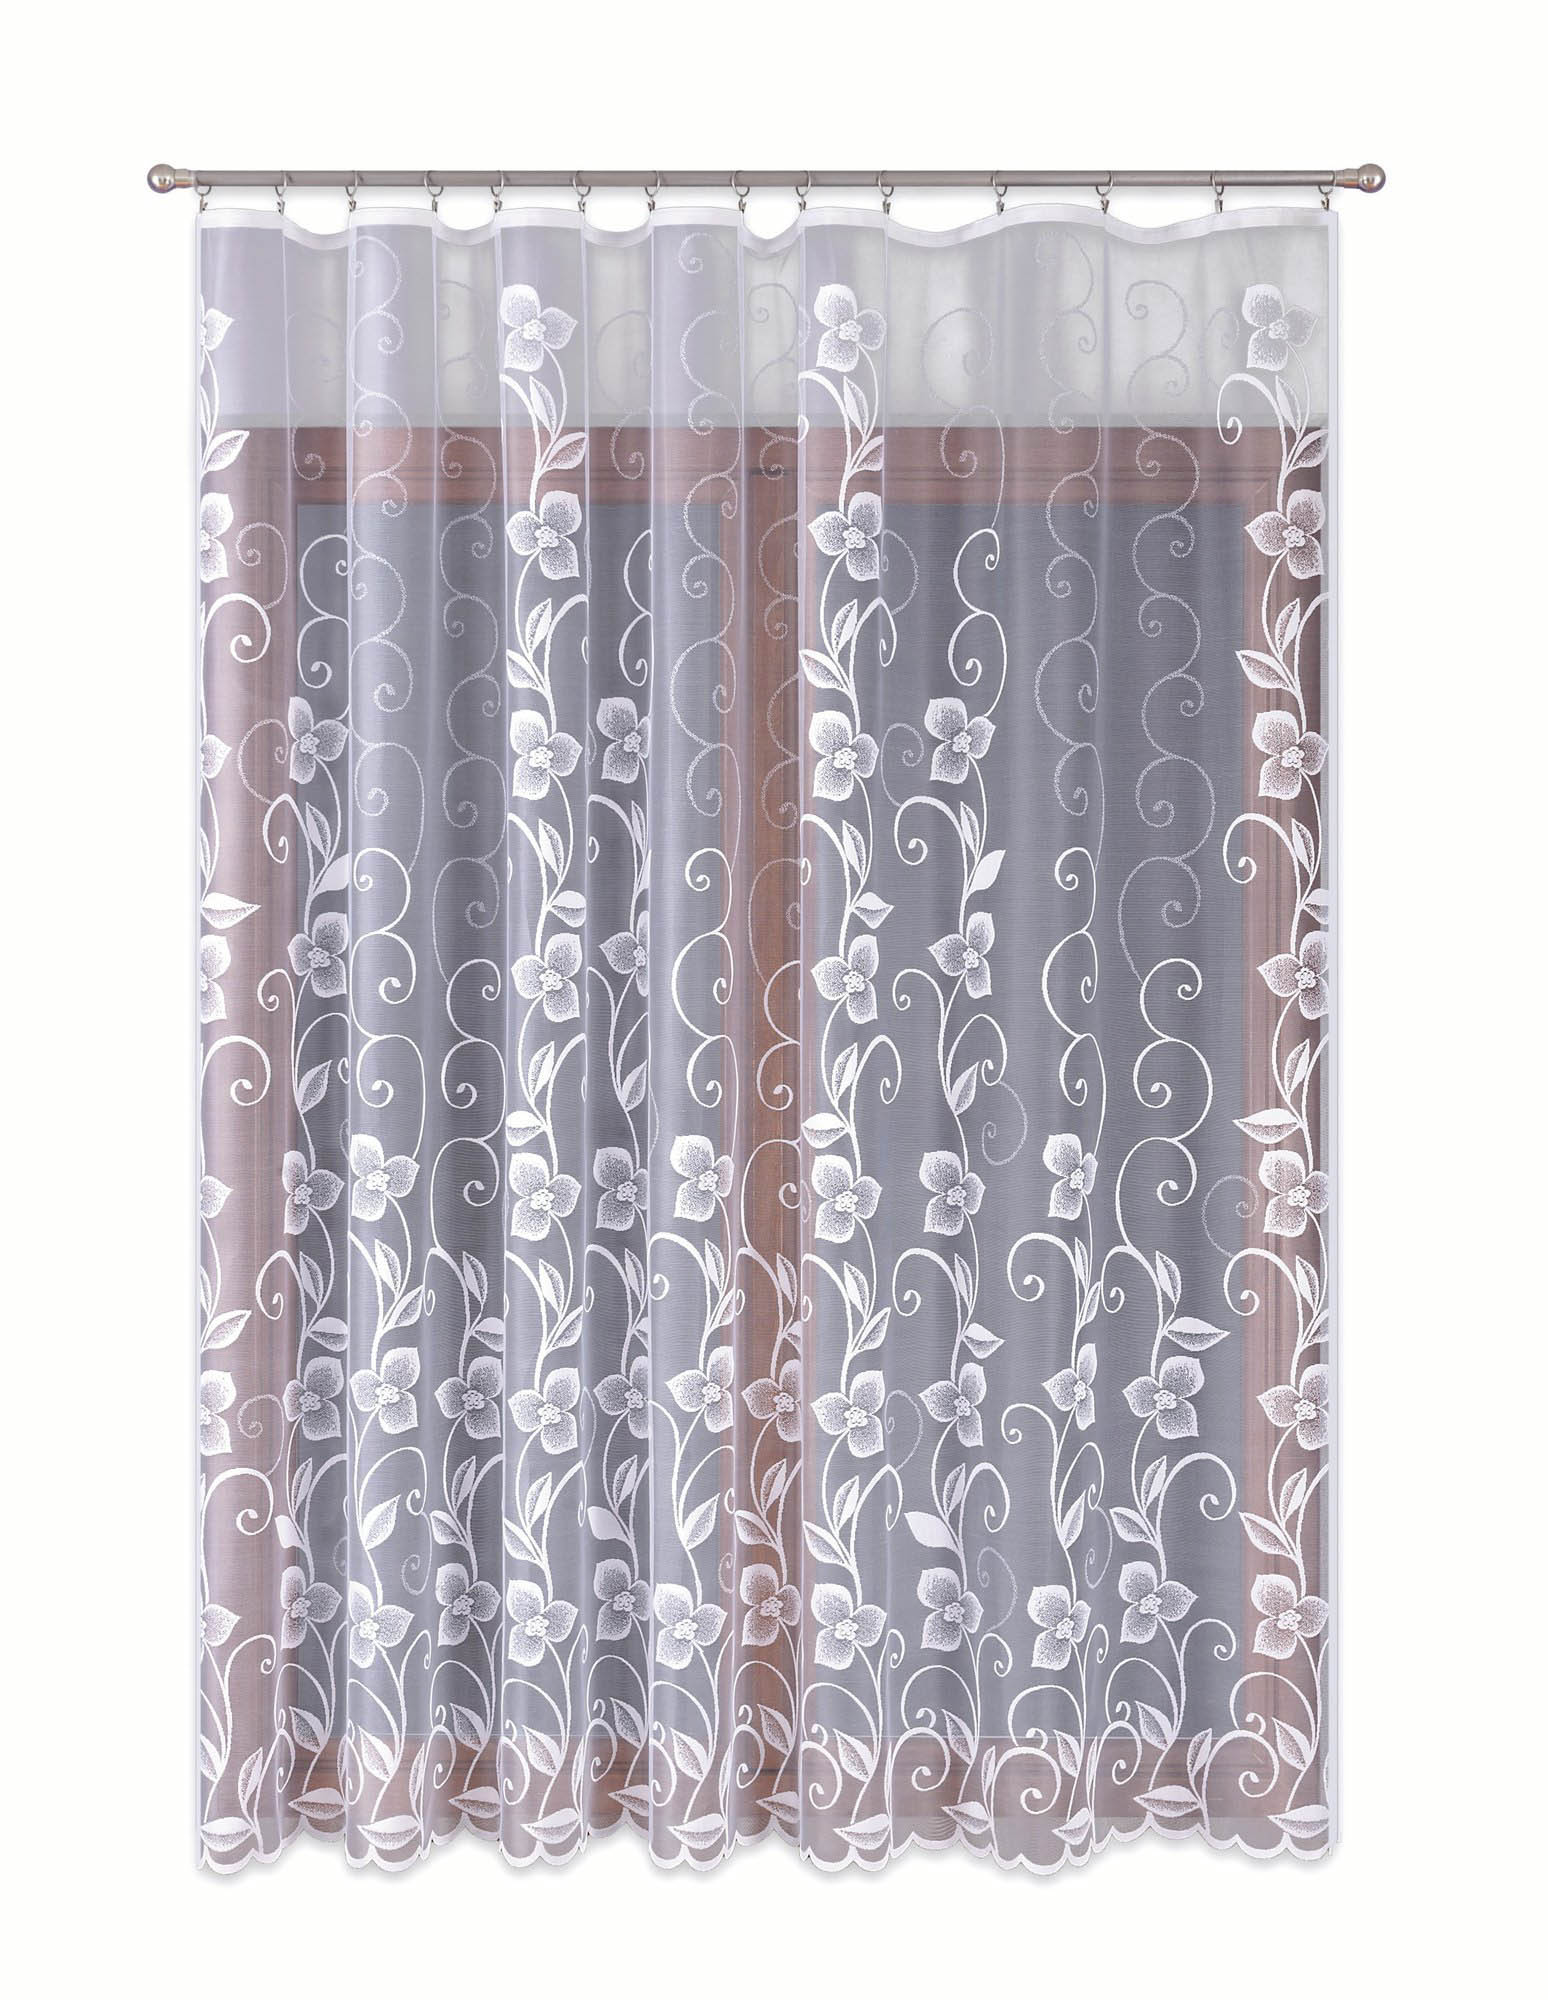 Шторы Primavera Классические шторы Lennon Цвет: Белый шторы primavera классические шторы caroline цвет сиреневый